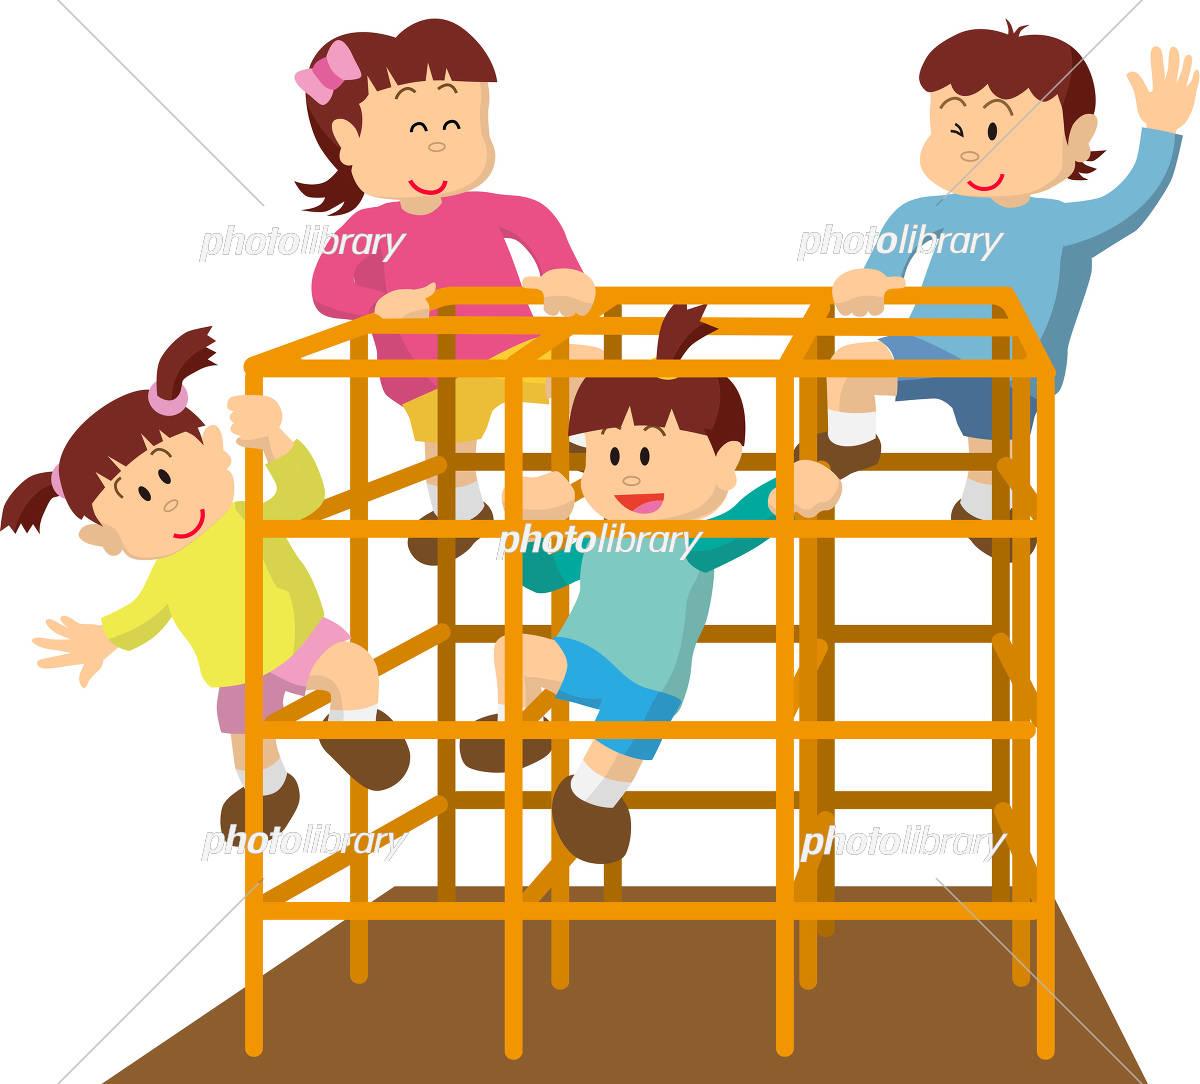 ジャングルジムと子供たち イラスト素材 6103204 フォト